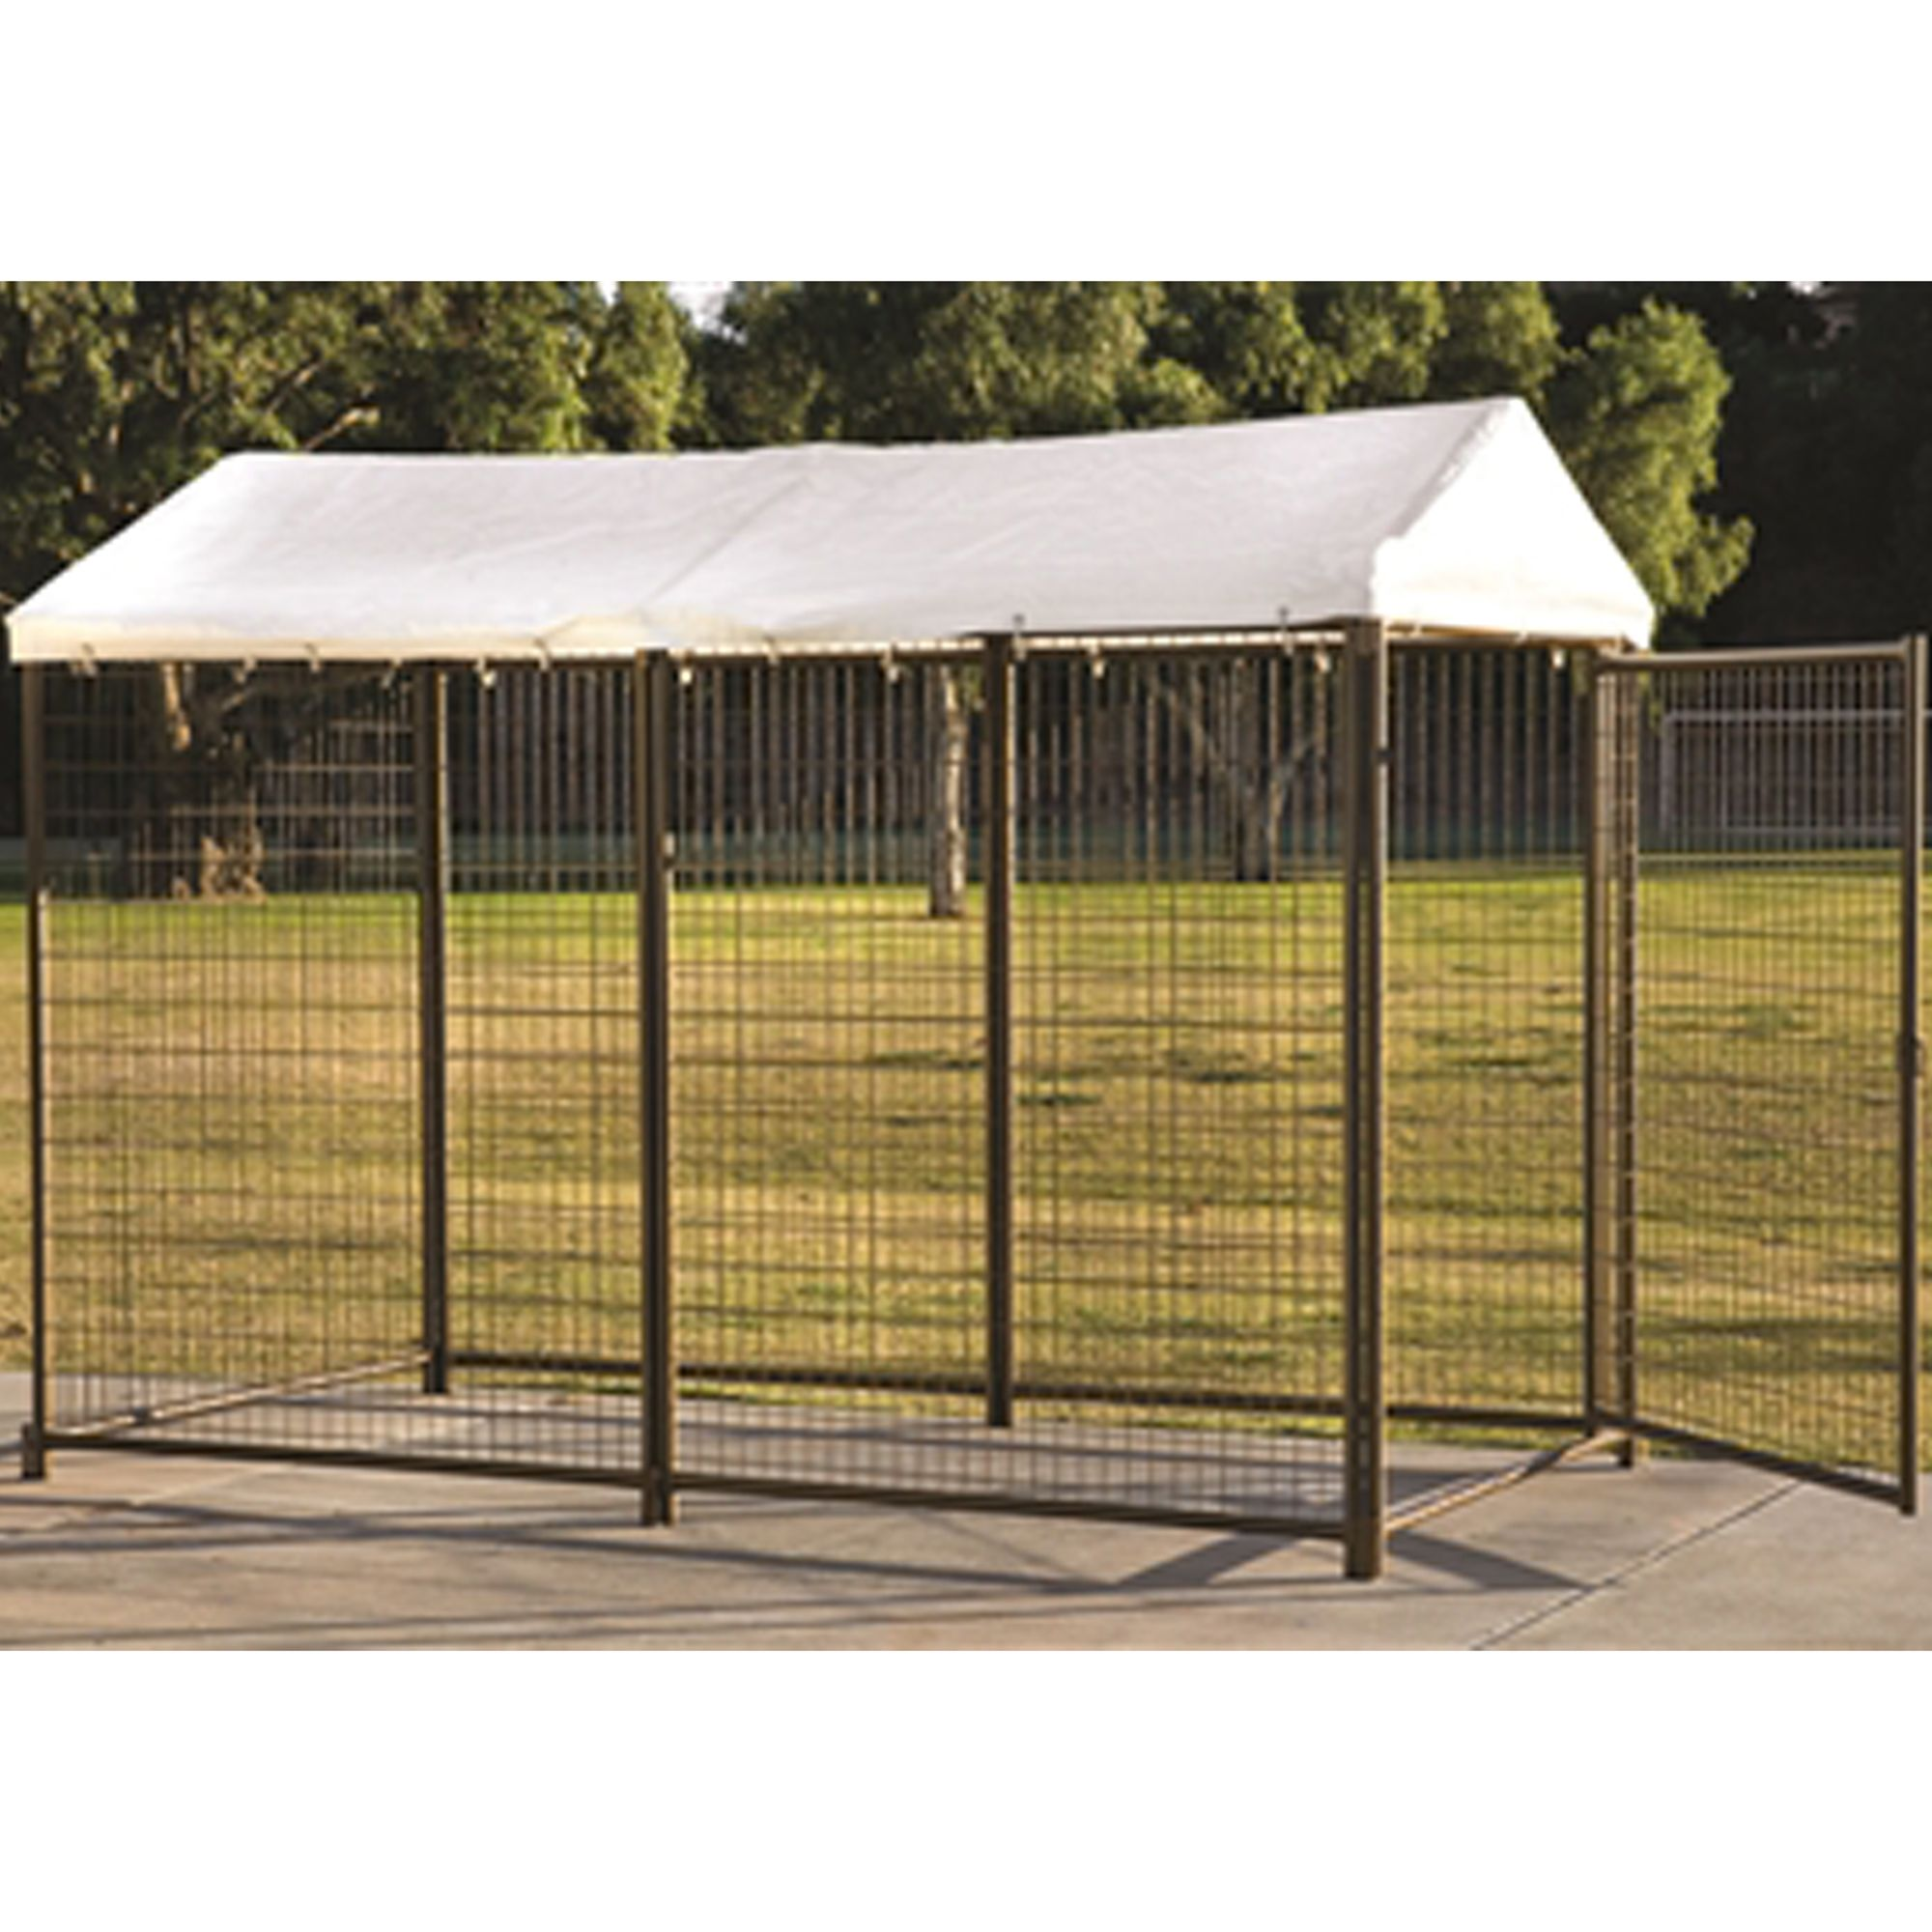 Advantek Waterproof Pet Kennel Cover Size 48l X 96w White